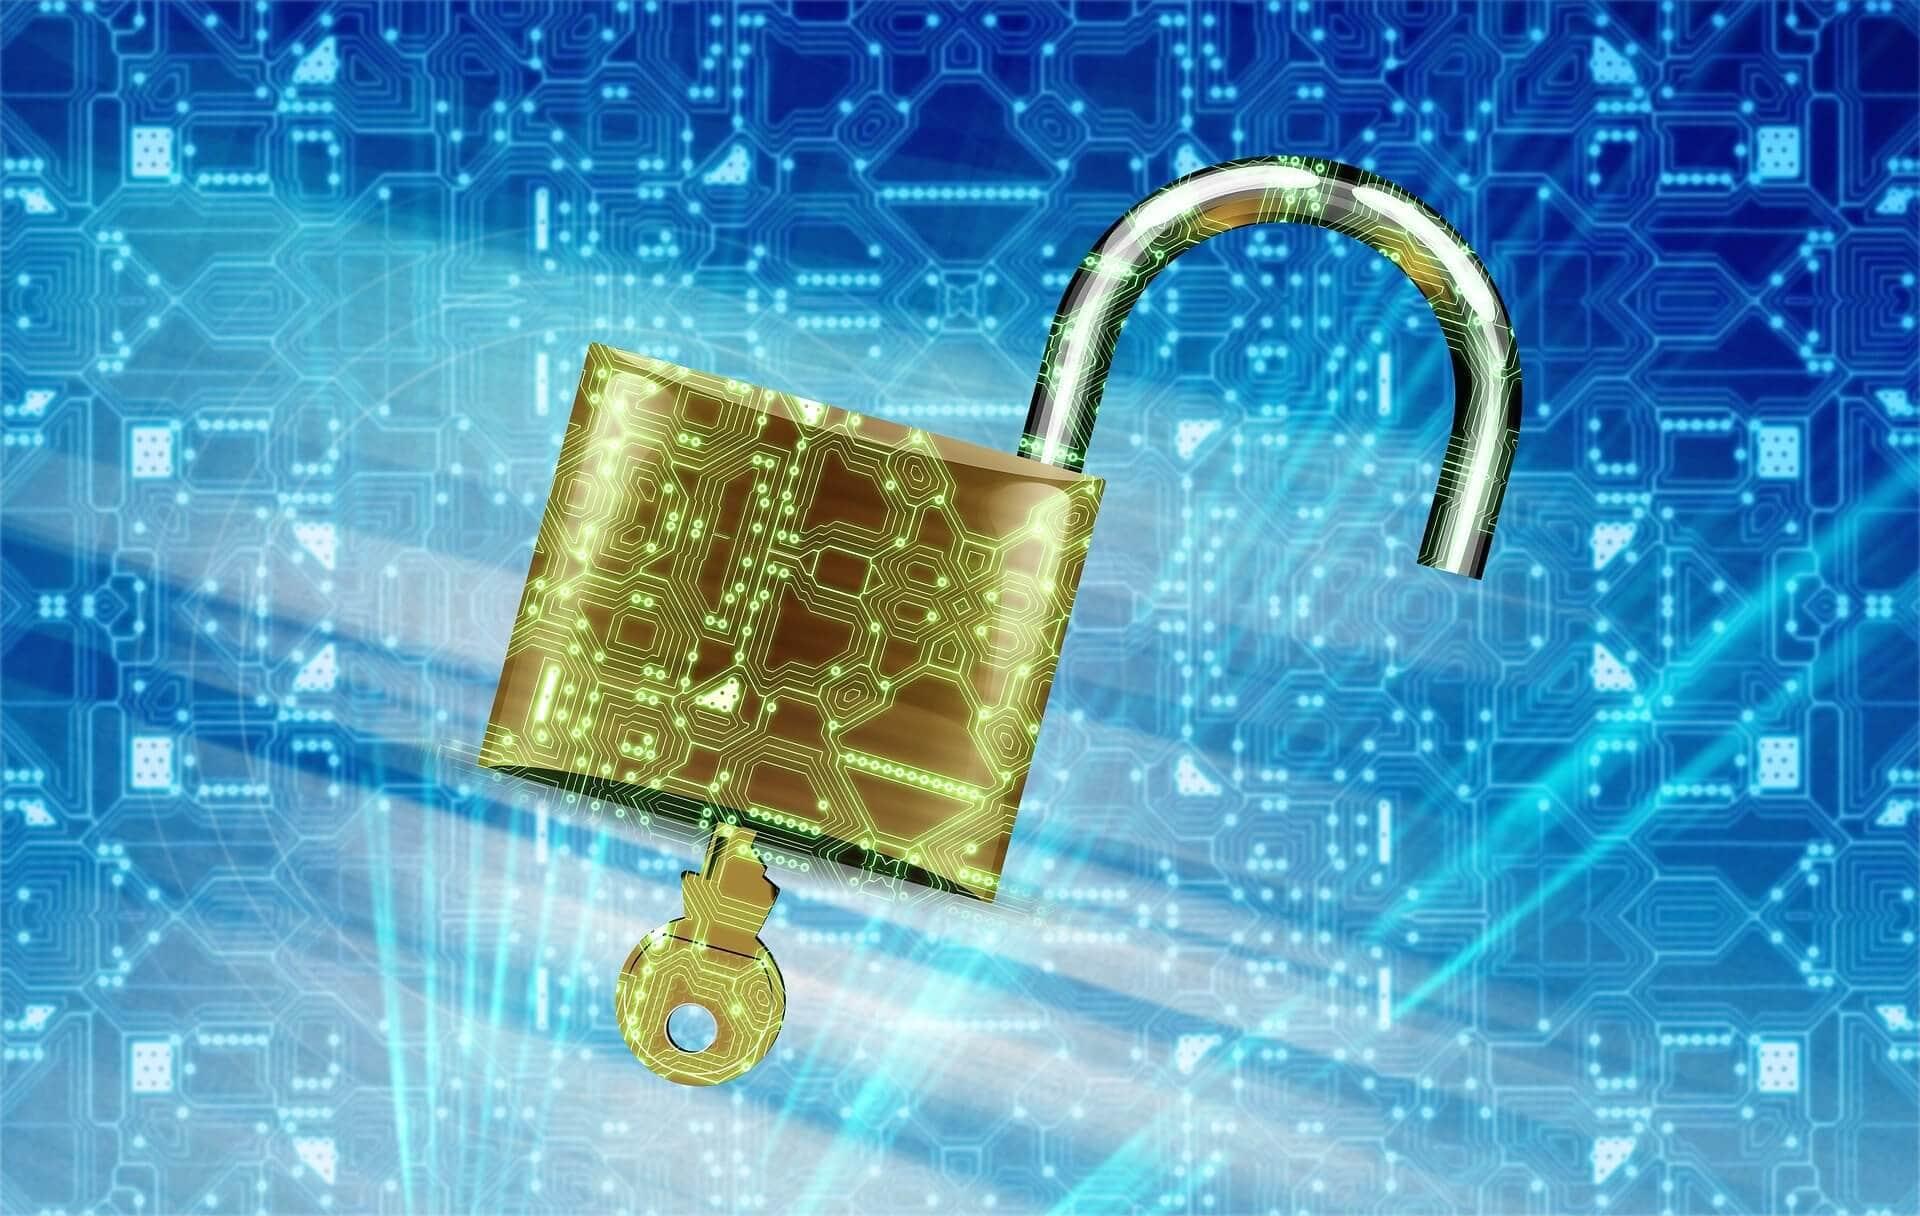 sådan beskytter du dine data med skysikkerhed